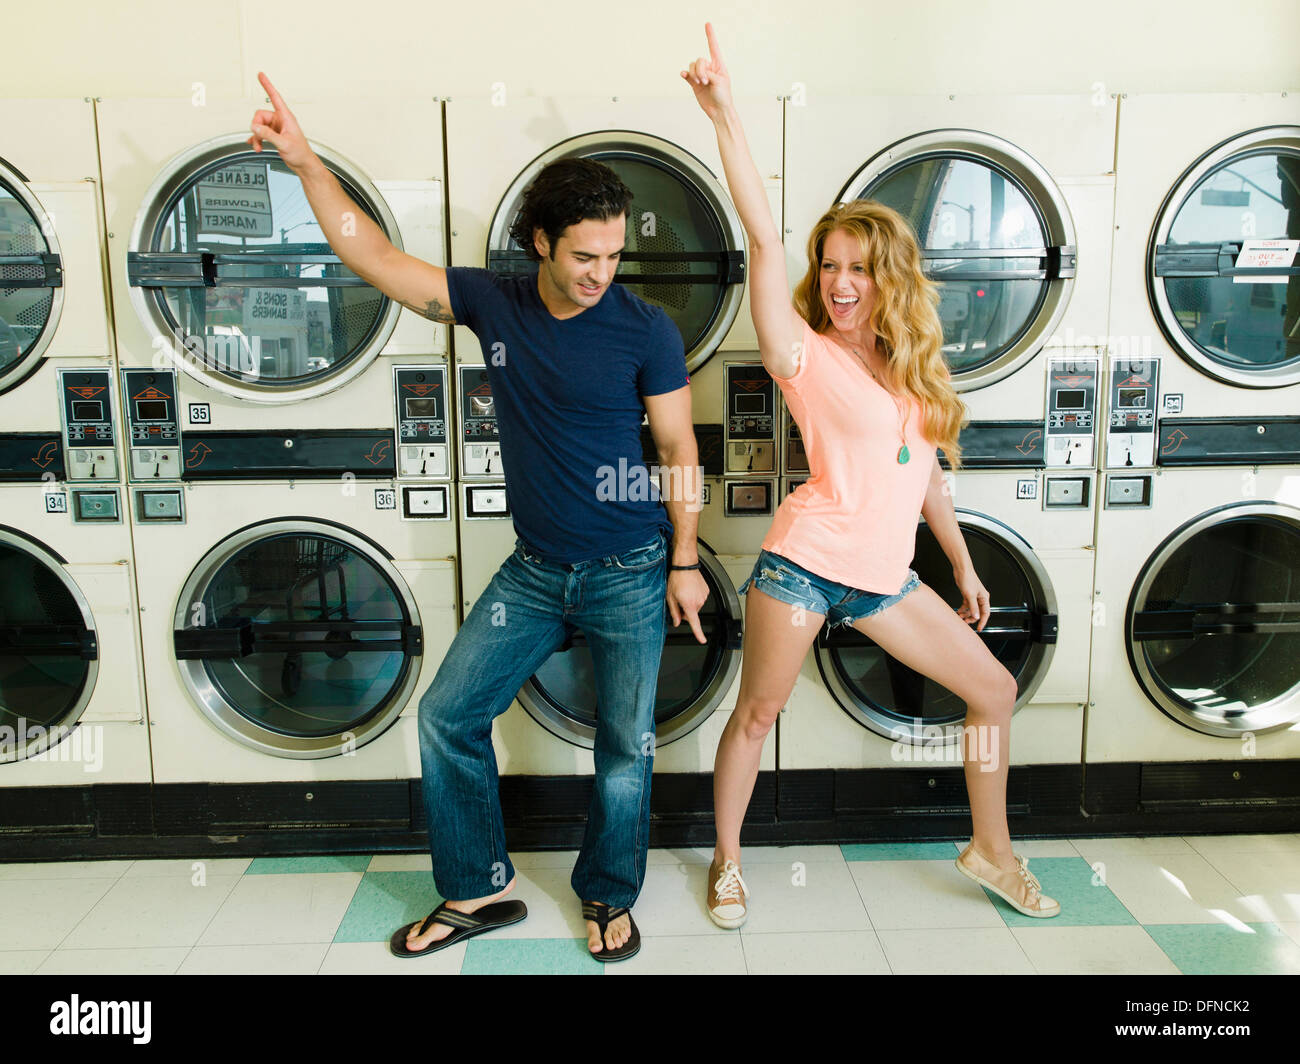 Eine schöne Dame tanzt mit einem intelligenten jungen Mann in San Diego Münze Waschsalon. Stockbild